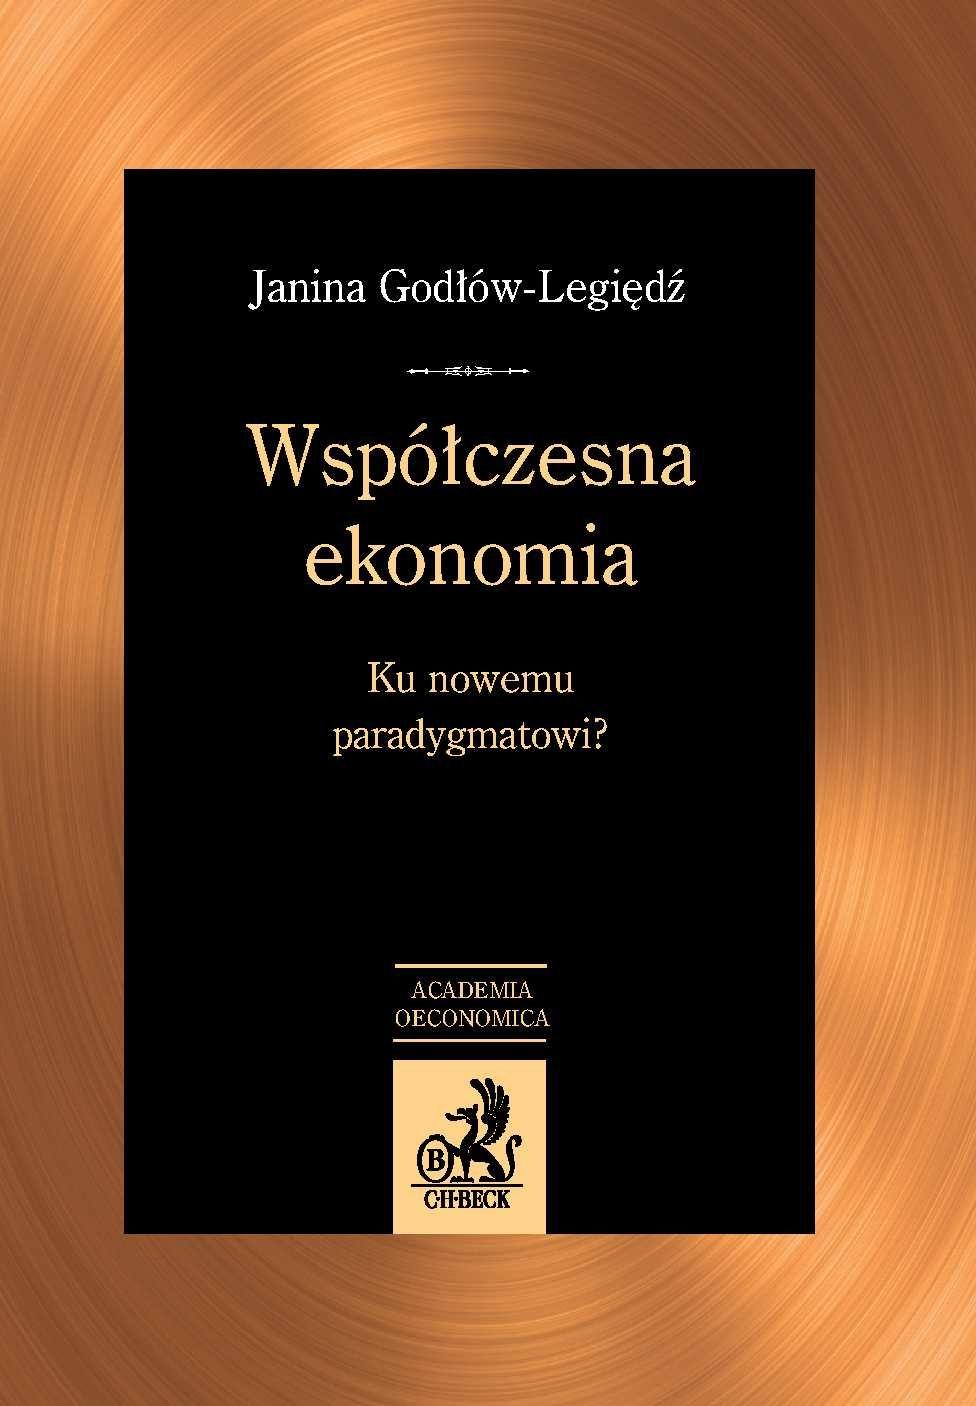 Współczesna ekonomia. Ku nowemu paradygmatowi? - Ebook (Książka PDF) do pobrania w formacie PDF